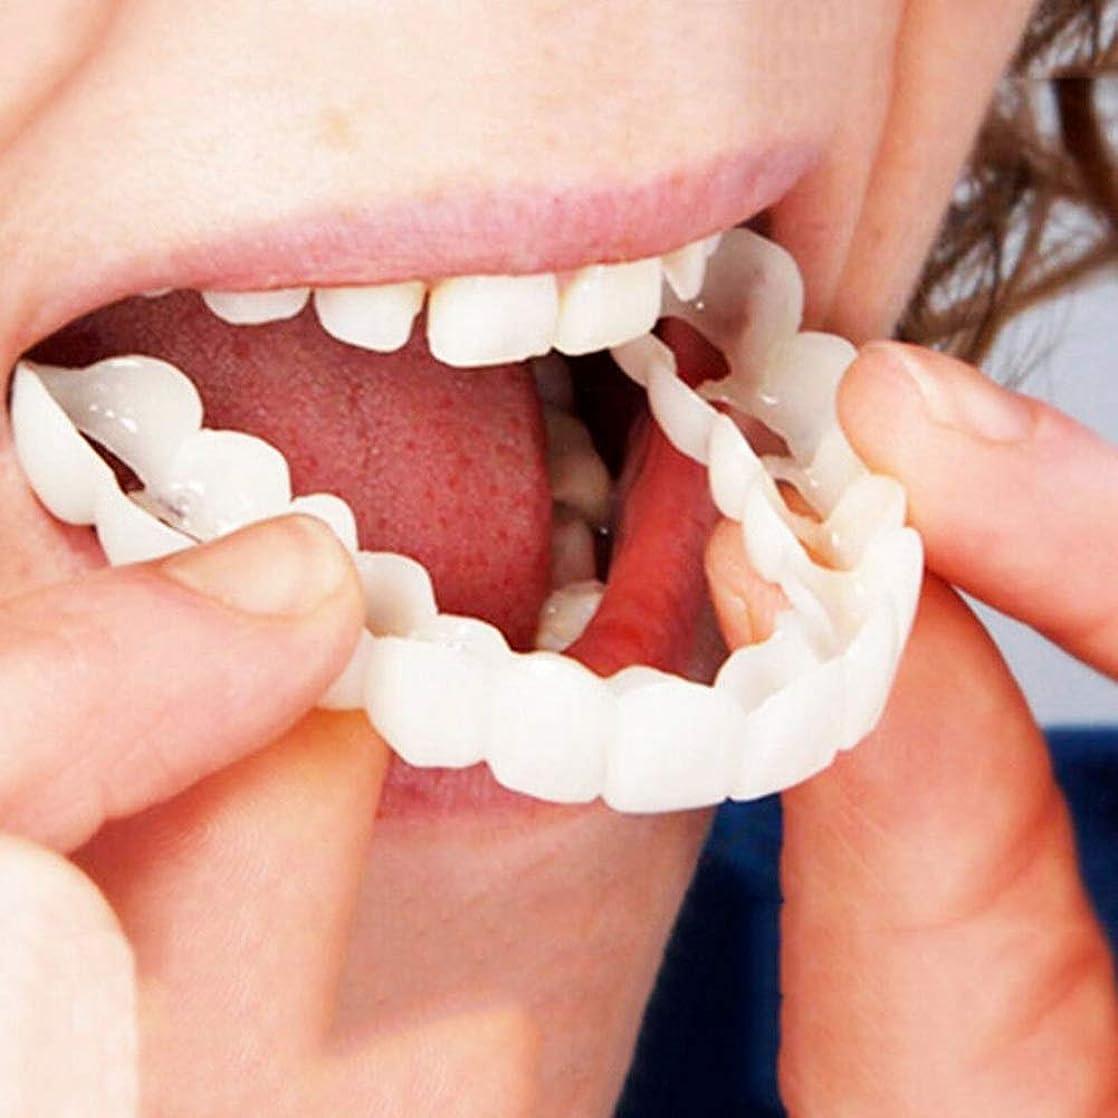 文化確立さようならTerGOOSE 歯 矯正 矯正器 歯を白く 矯正用リテーナー 完璧な笑顔 快適な 歯列矯正 歯並び 噛み合わせ 歯リテイナー 歯ぎしり いびき防止 多機能 健康管理ツール 歯の損傷を防ぐ 有効 (下+上)